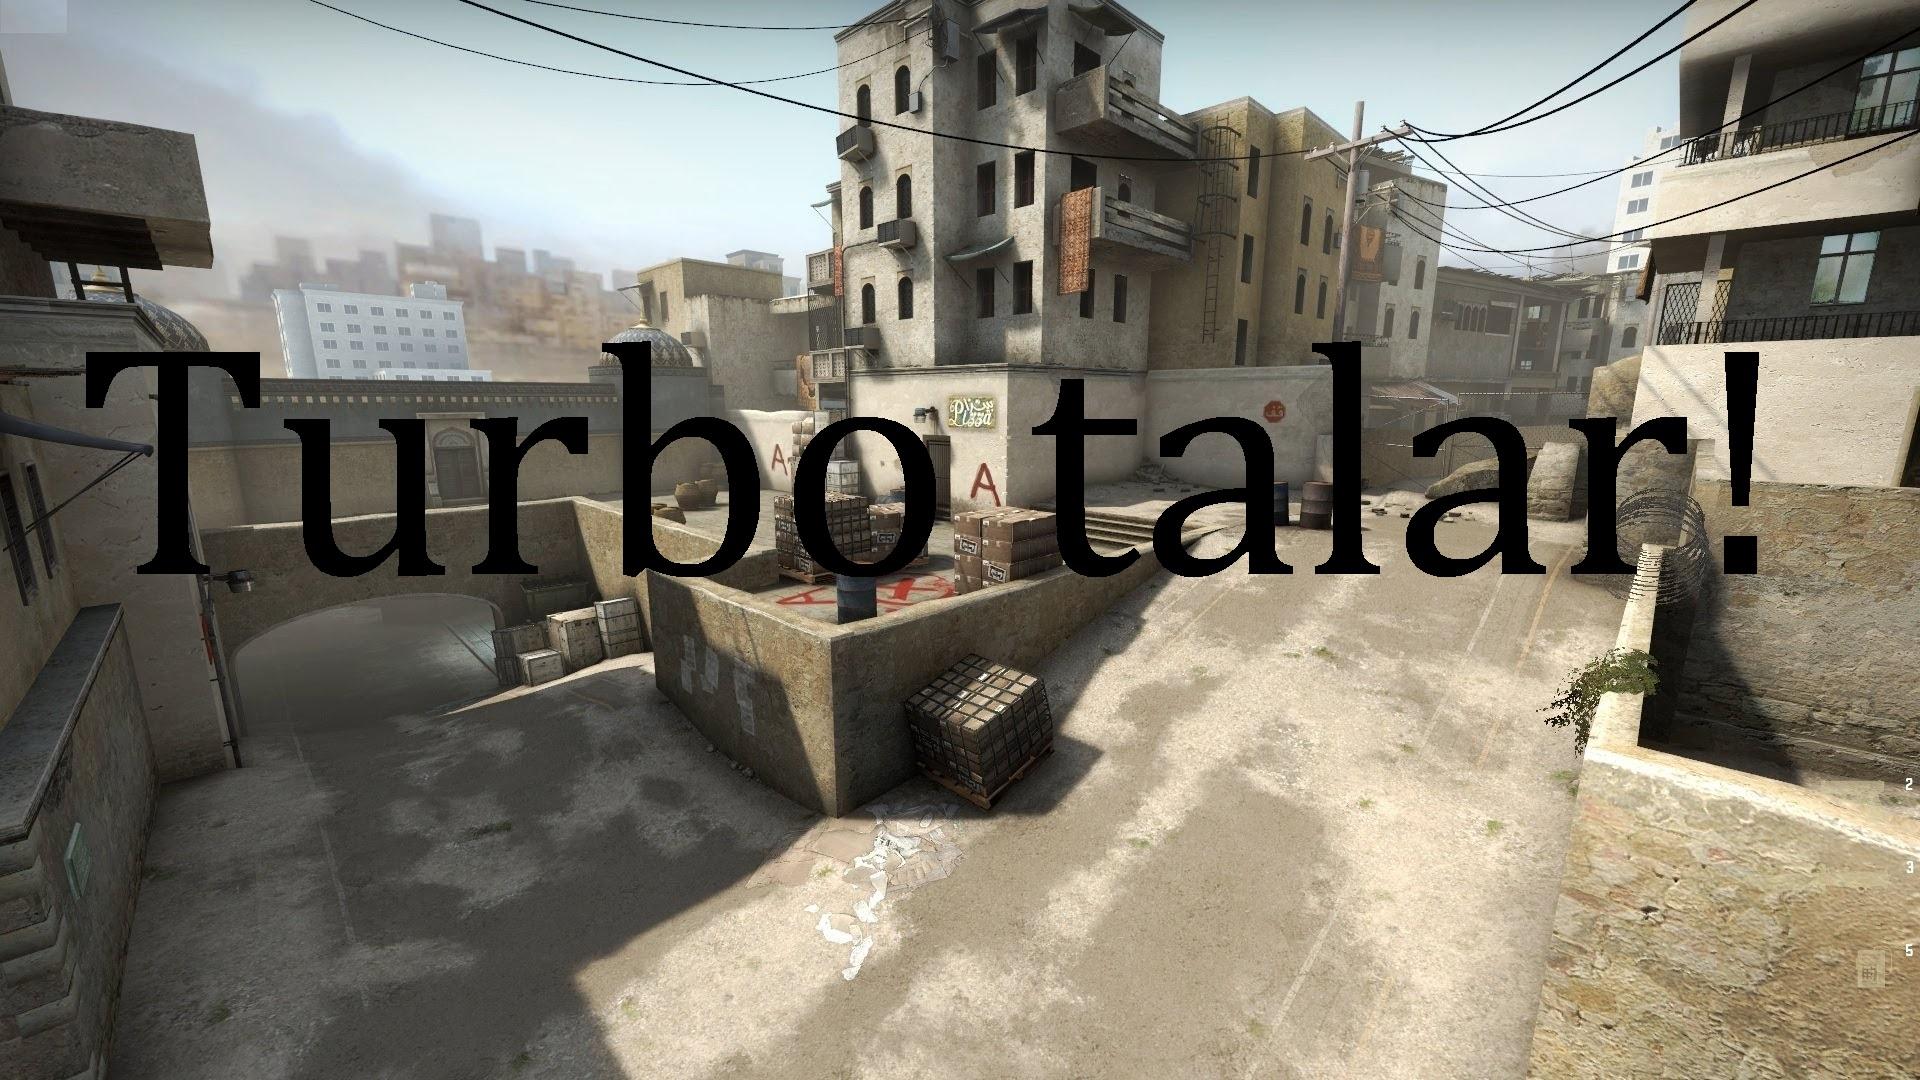 Turbo Talar!